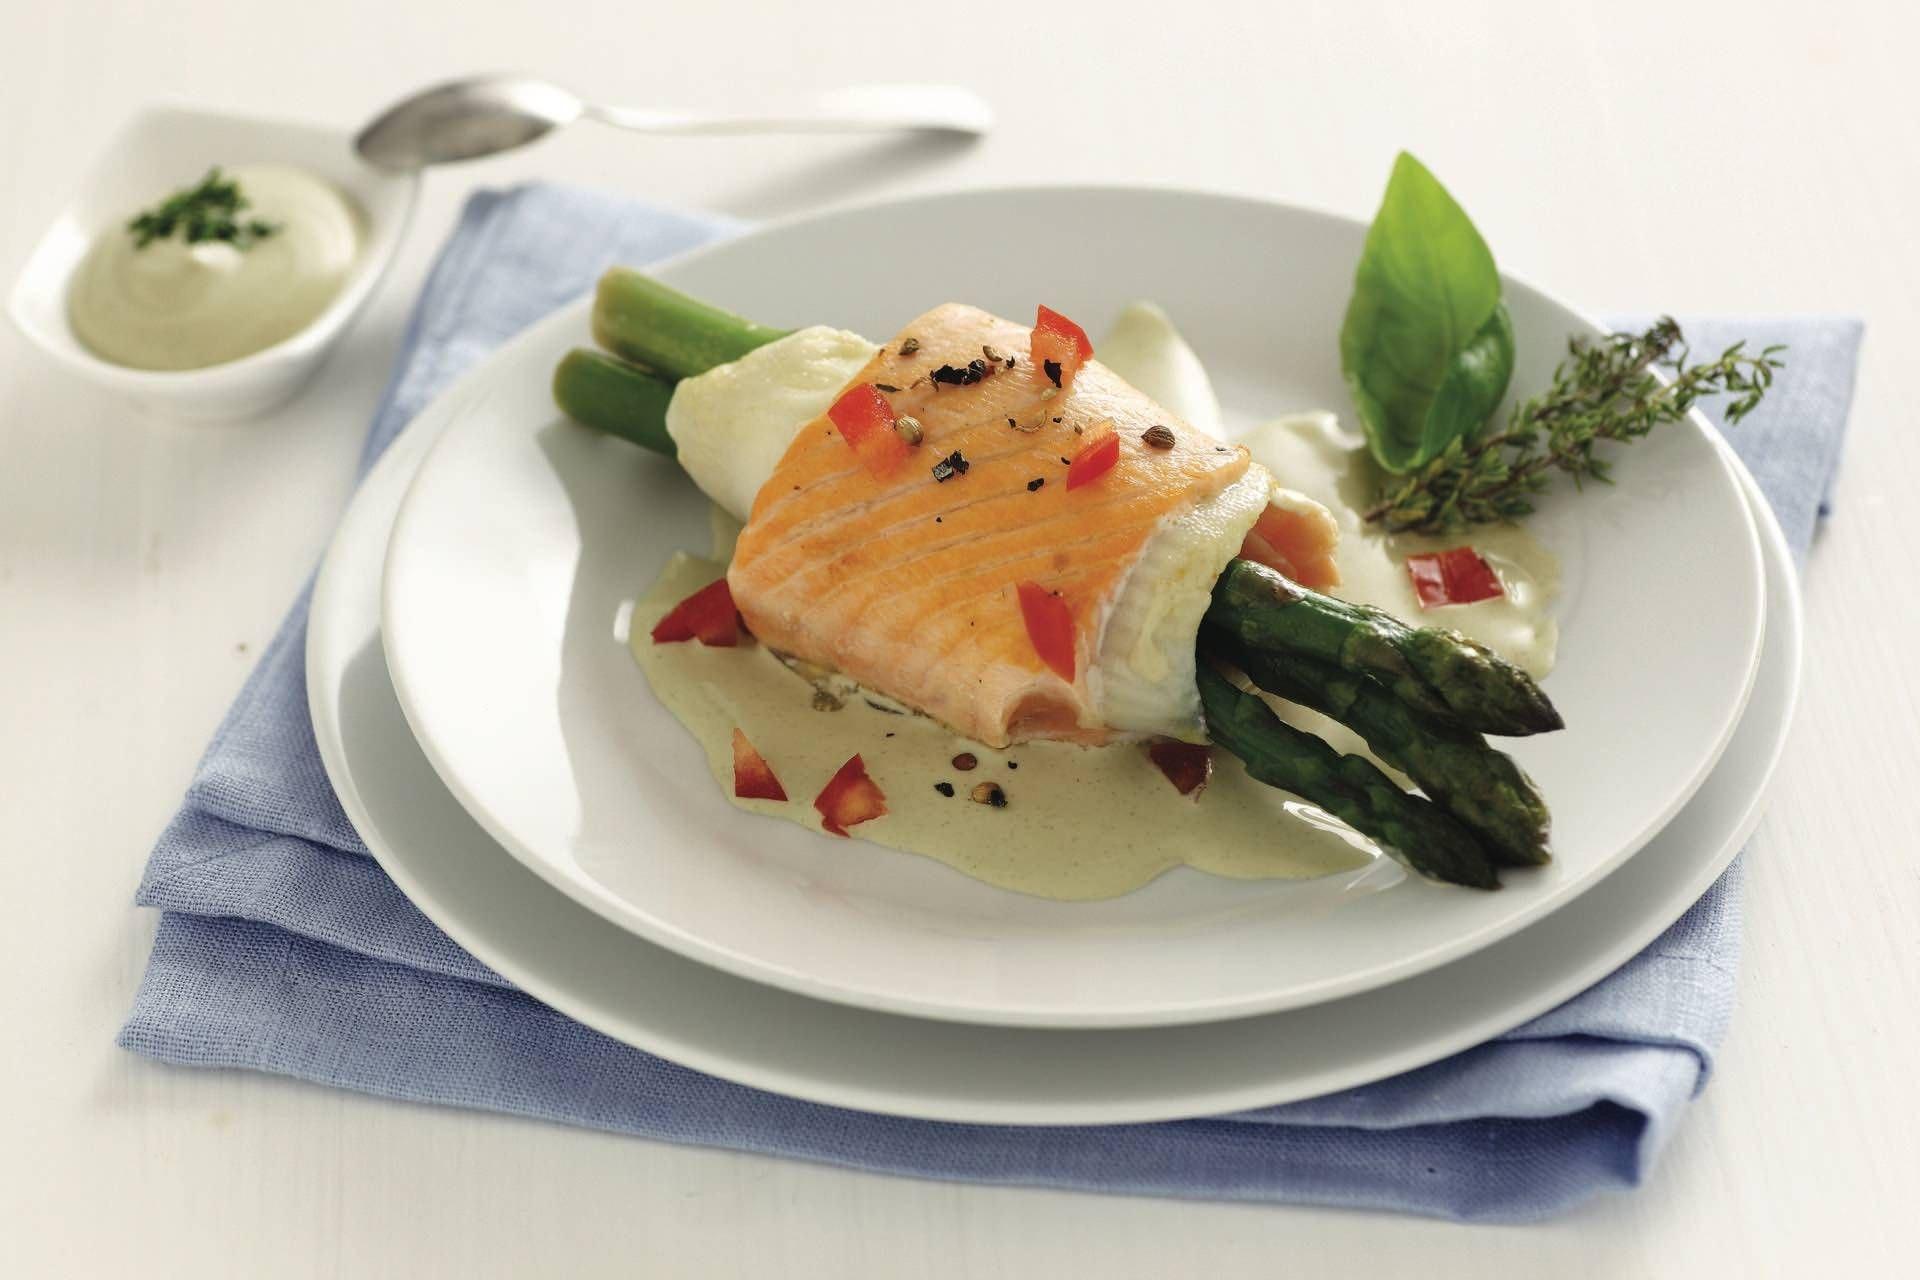 Rotolo di salmone, sogliola e asparagi - Parmalat